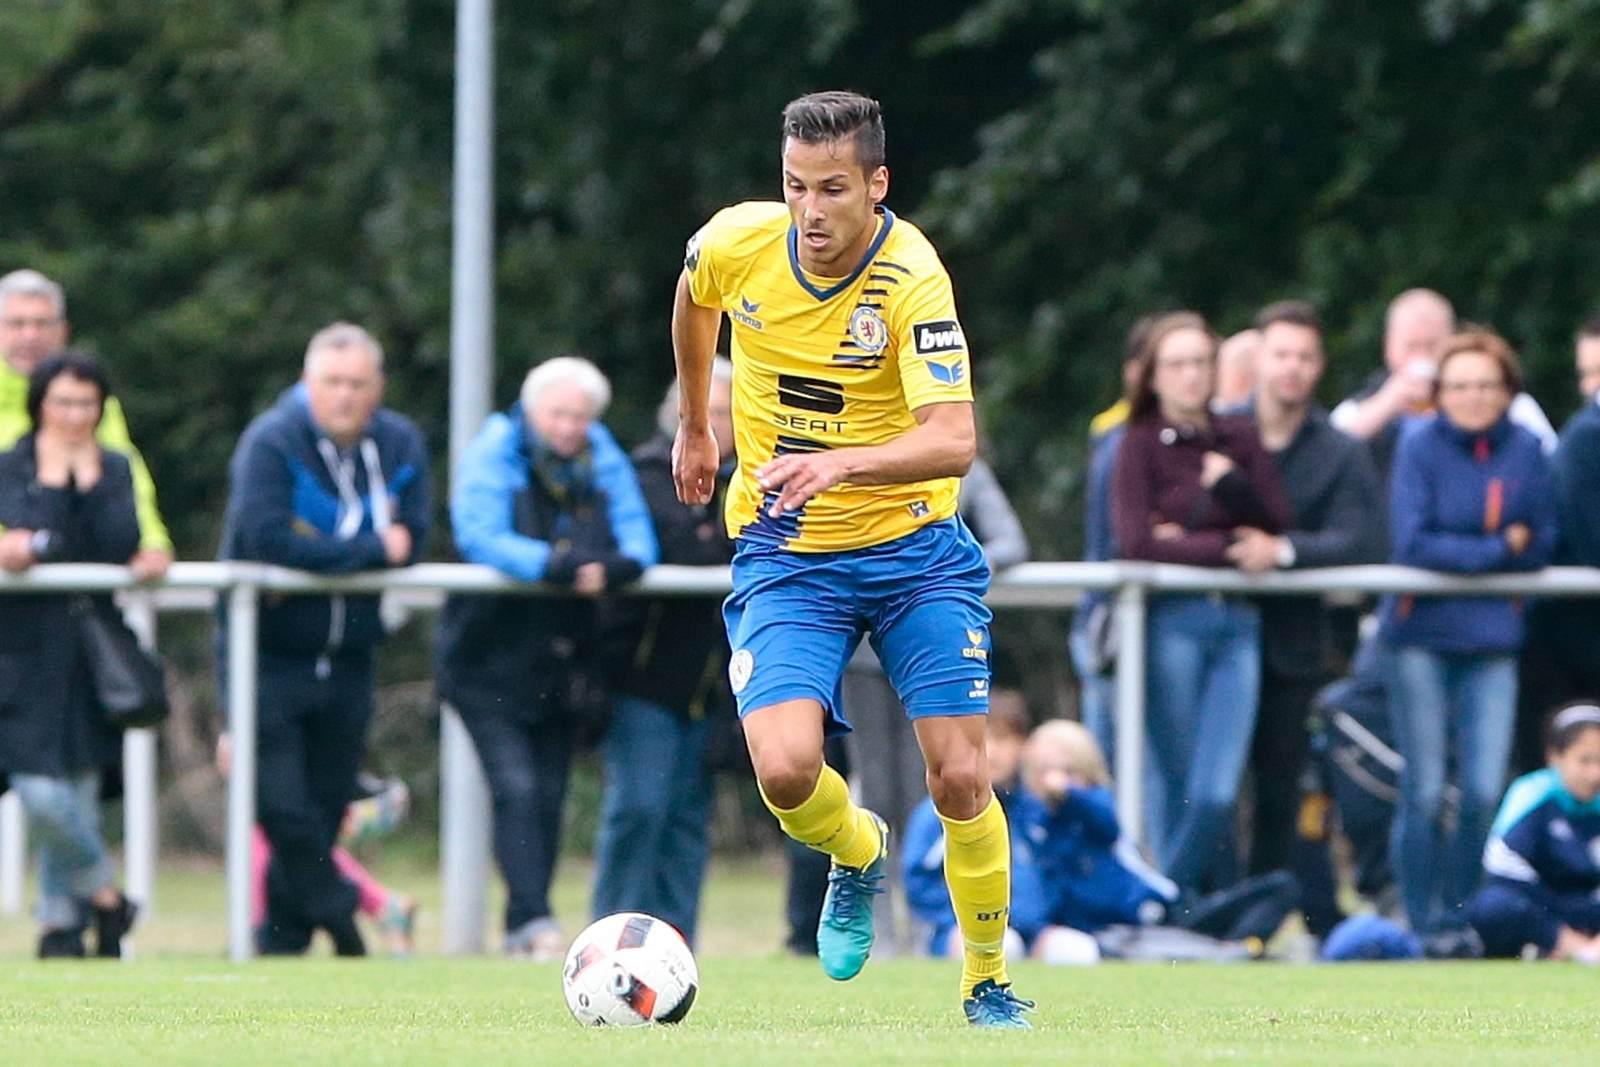 Eric Veiga dribbelt mit dem Ball für Braunschweig II